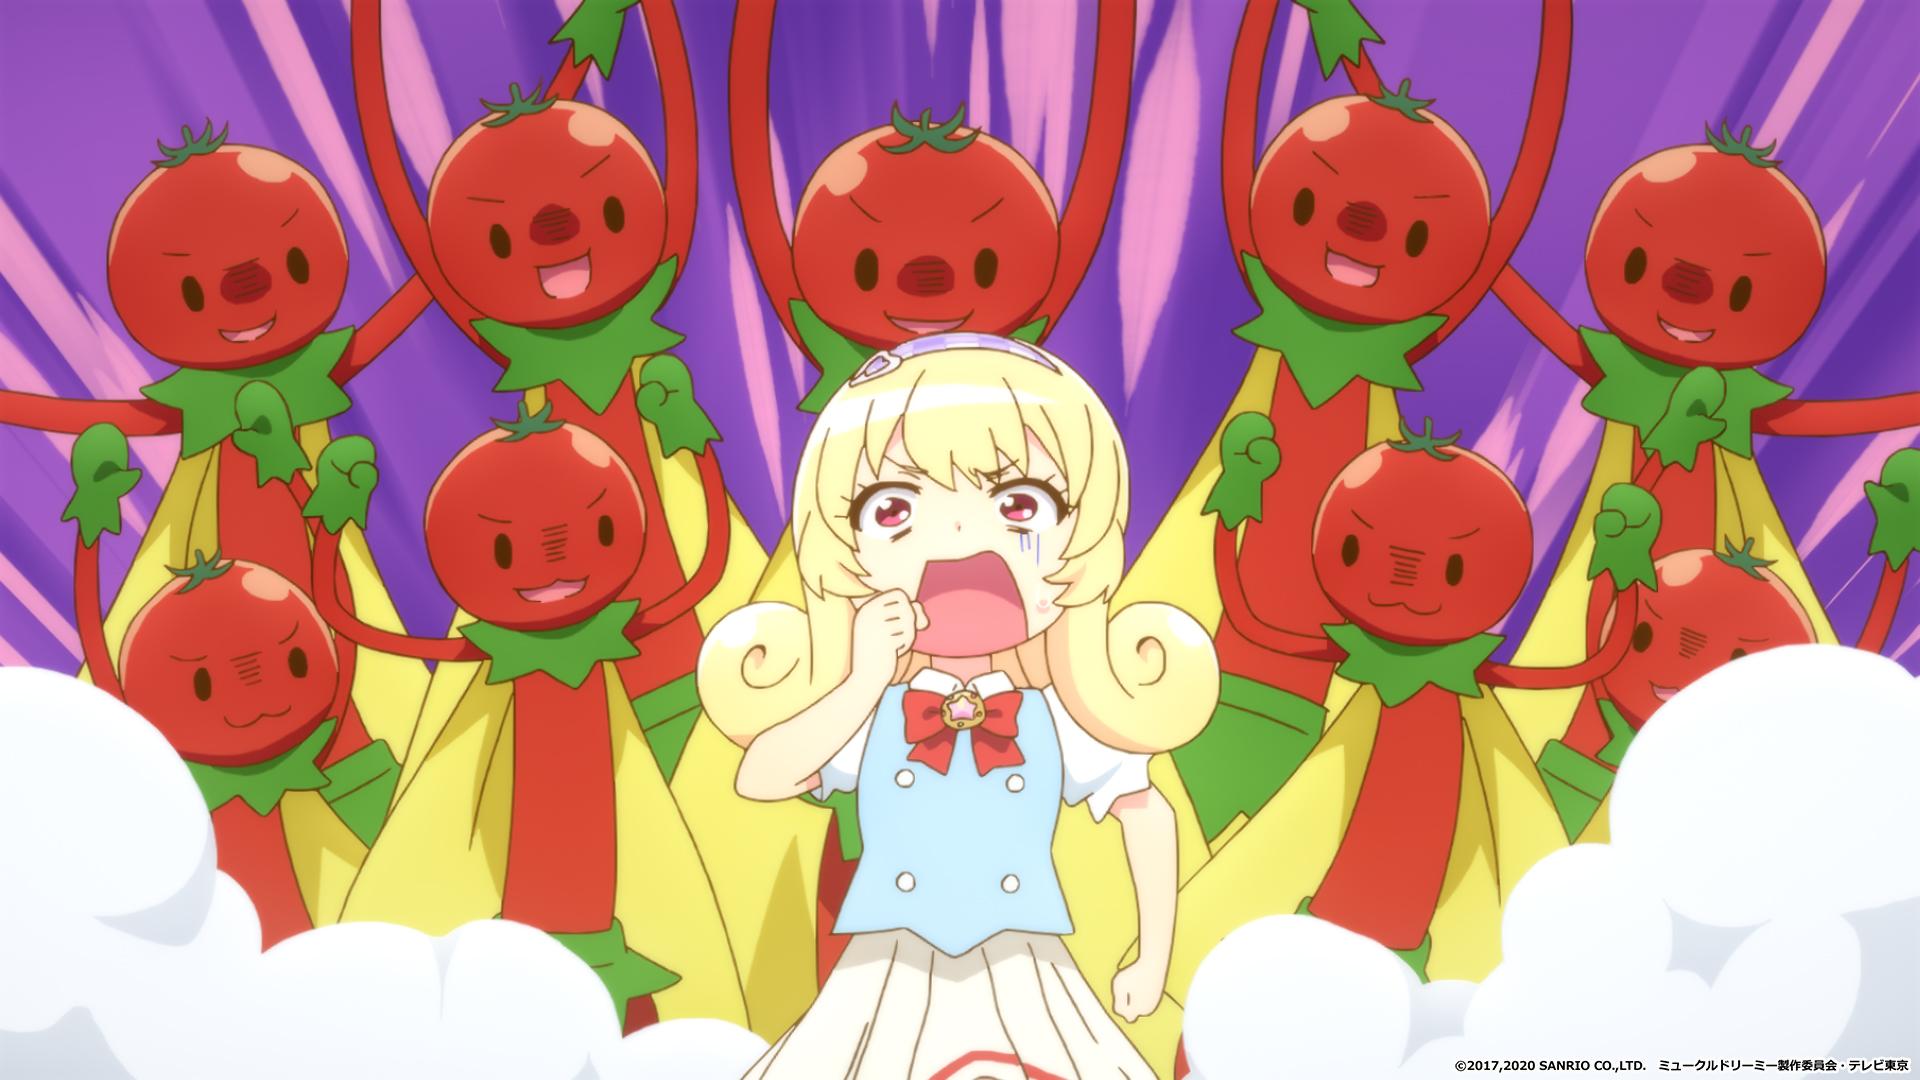 【アニメ】ミュークルドリーミーの17話あらすじ・ネタバレ感想 | 夢から現実に出てくるプチトマトマン